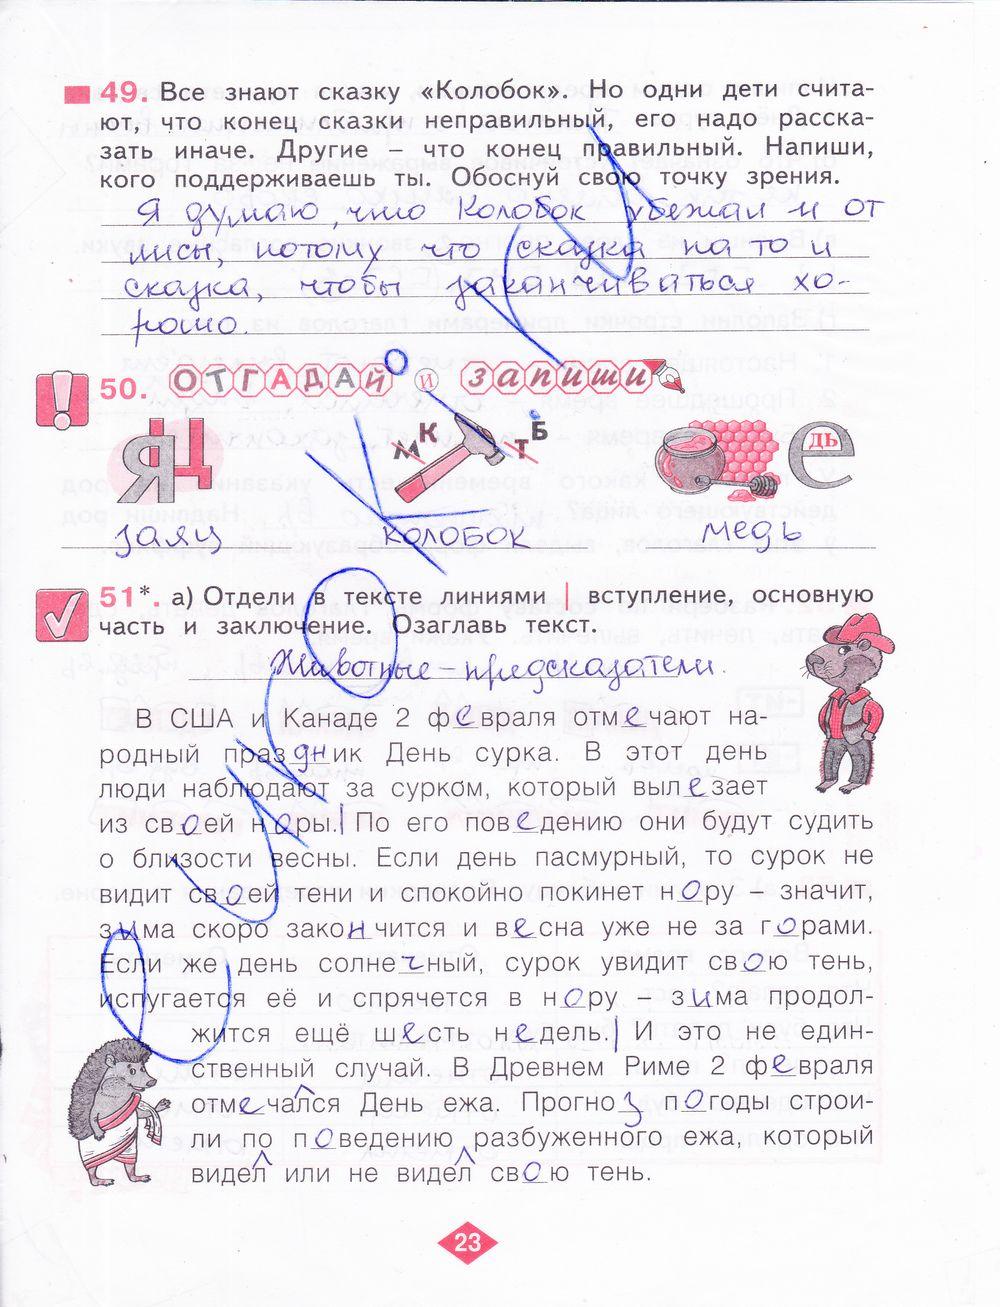 Гдз по русскому языку 5 класс львова львов 2 часть